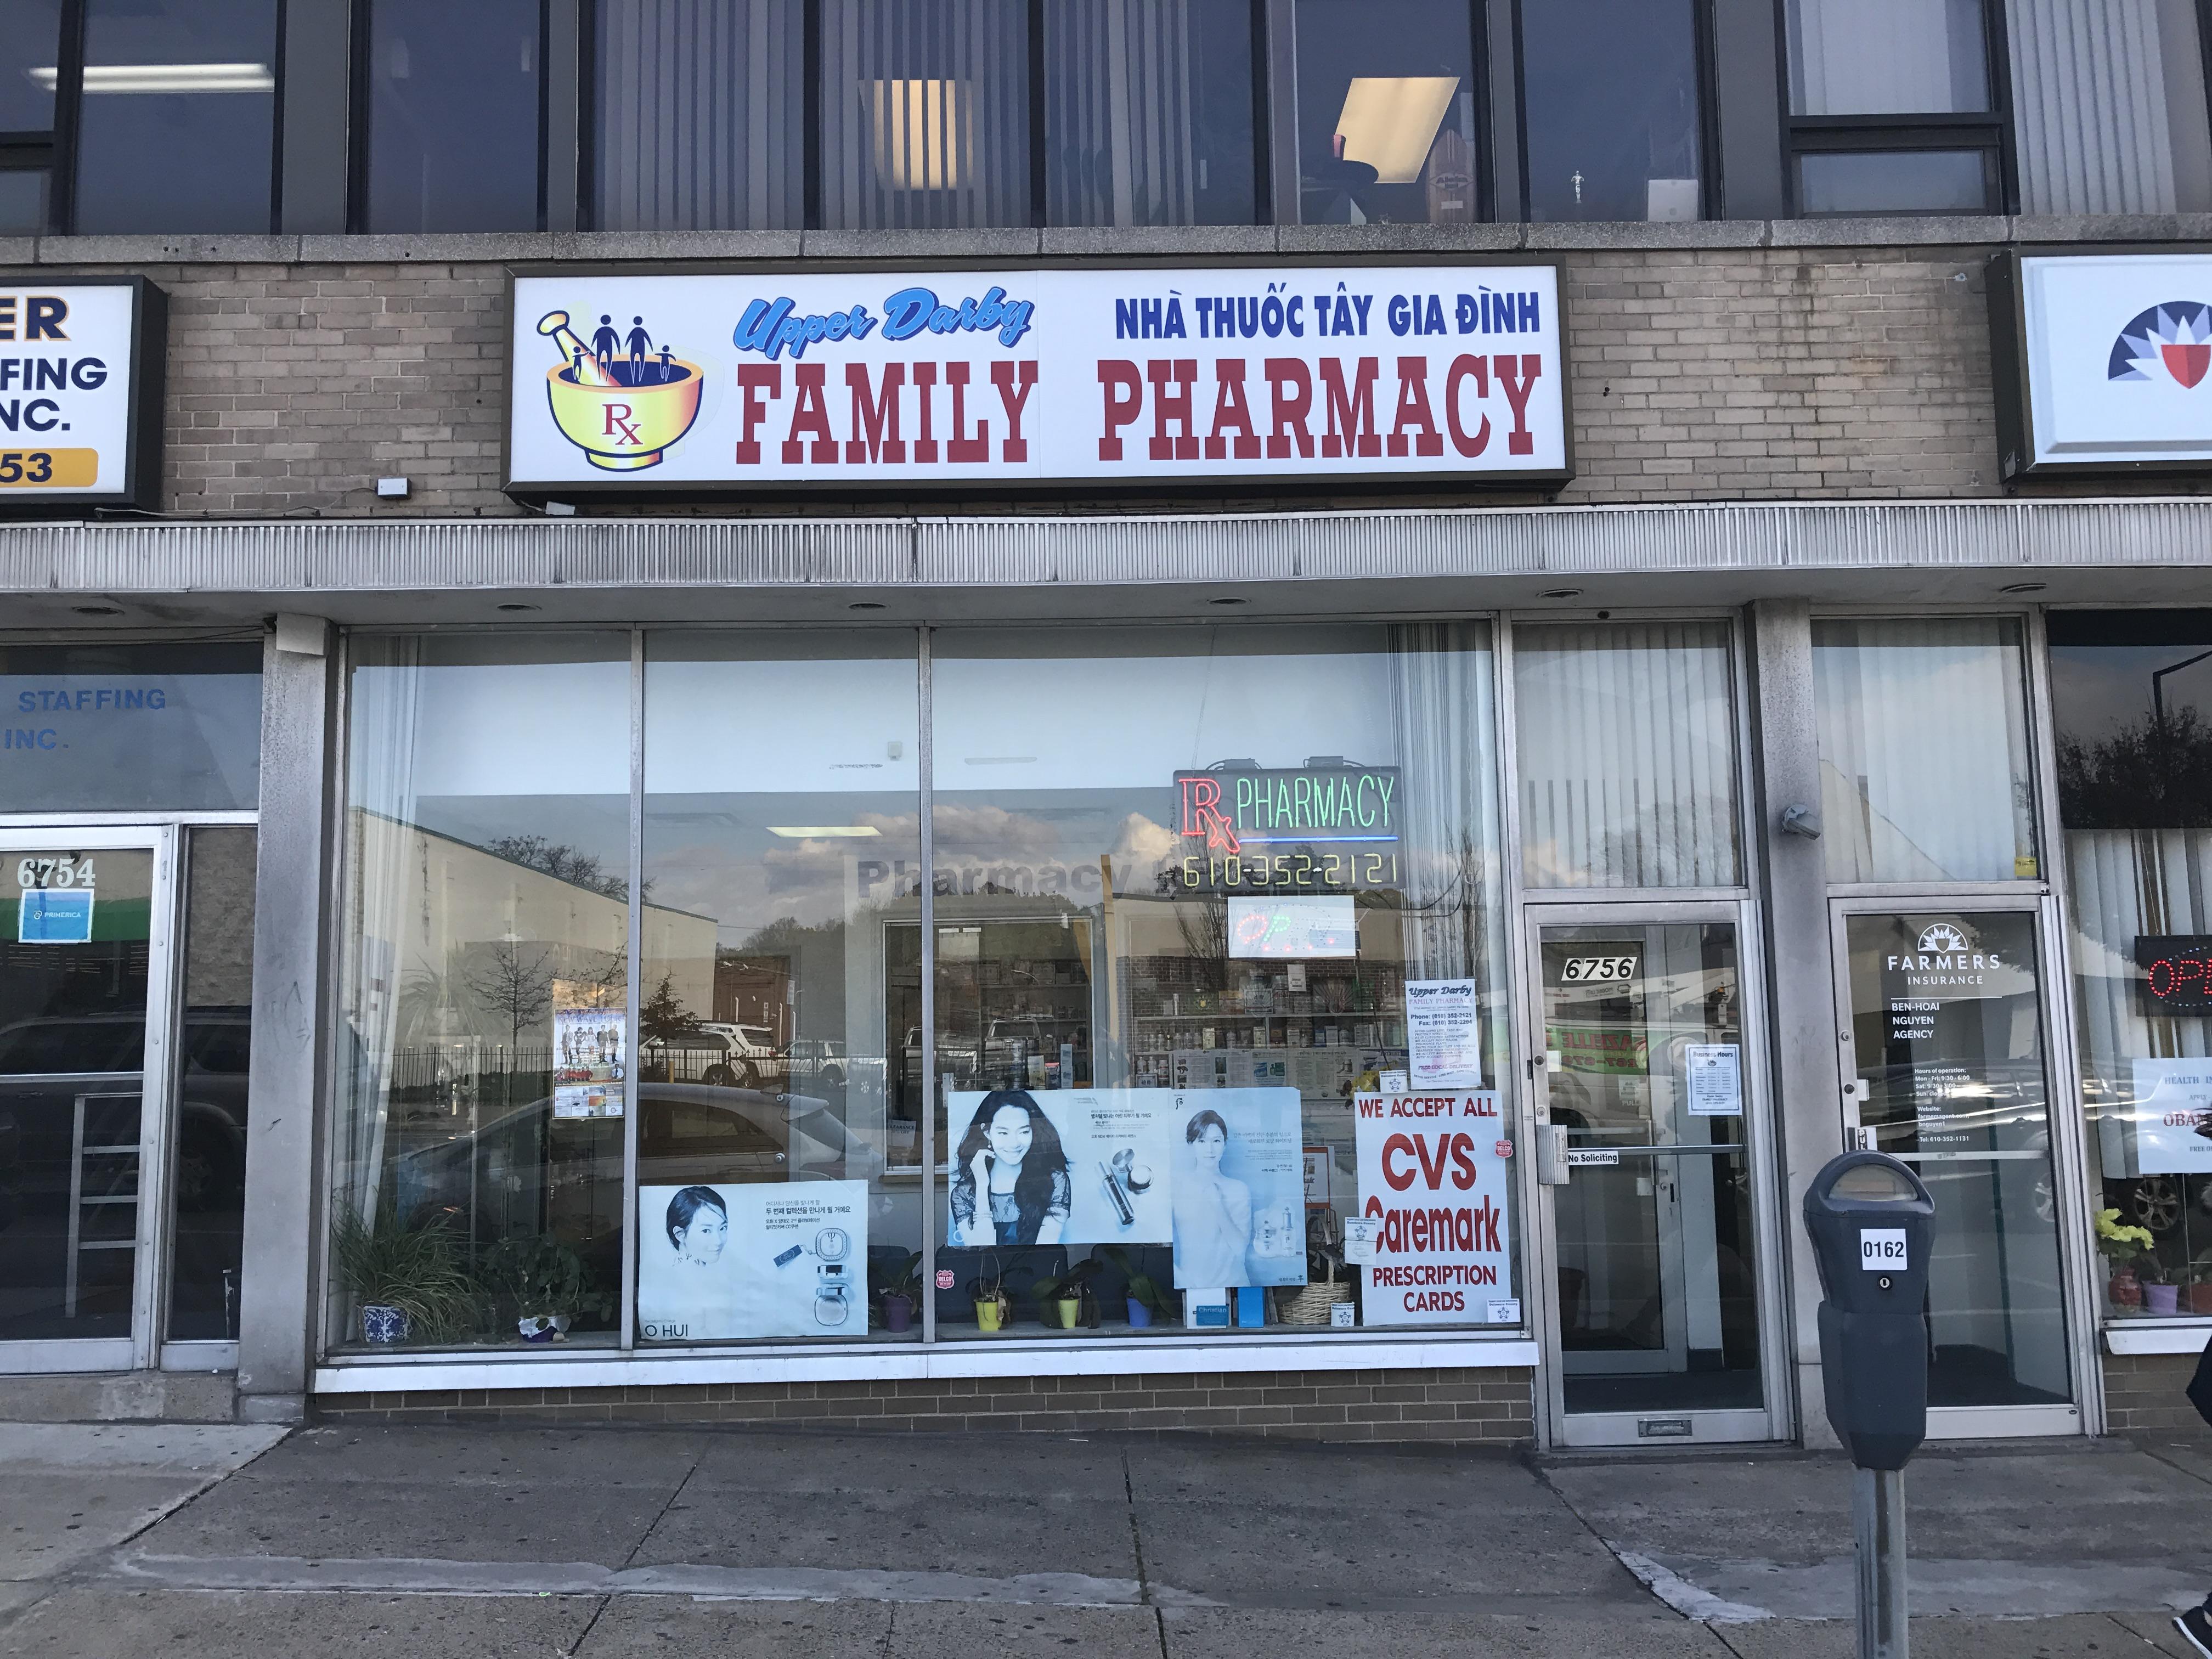 Upper Darby Family Pharmacy